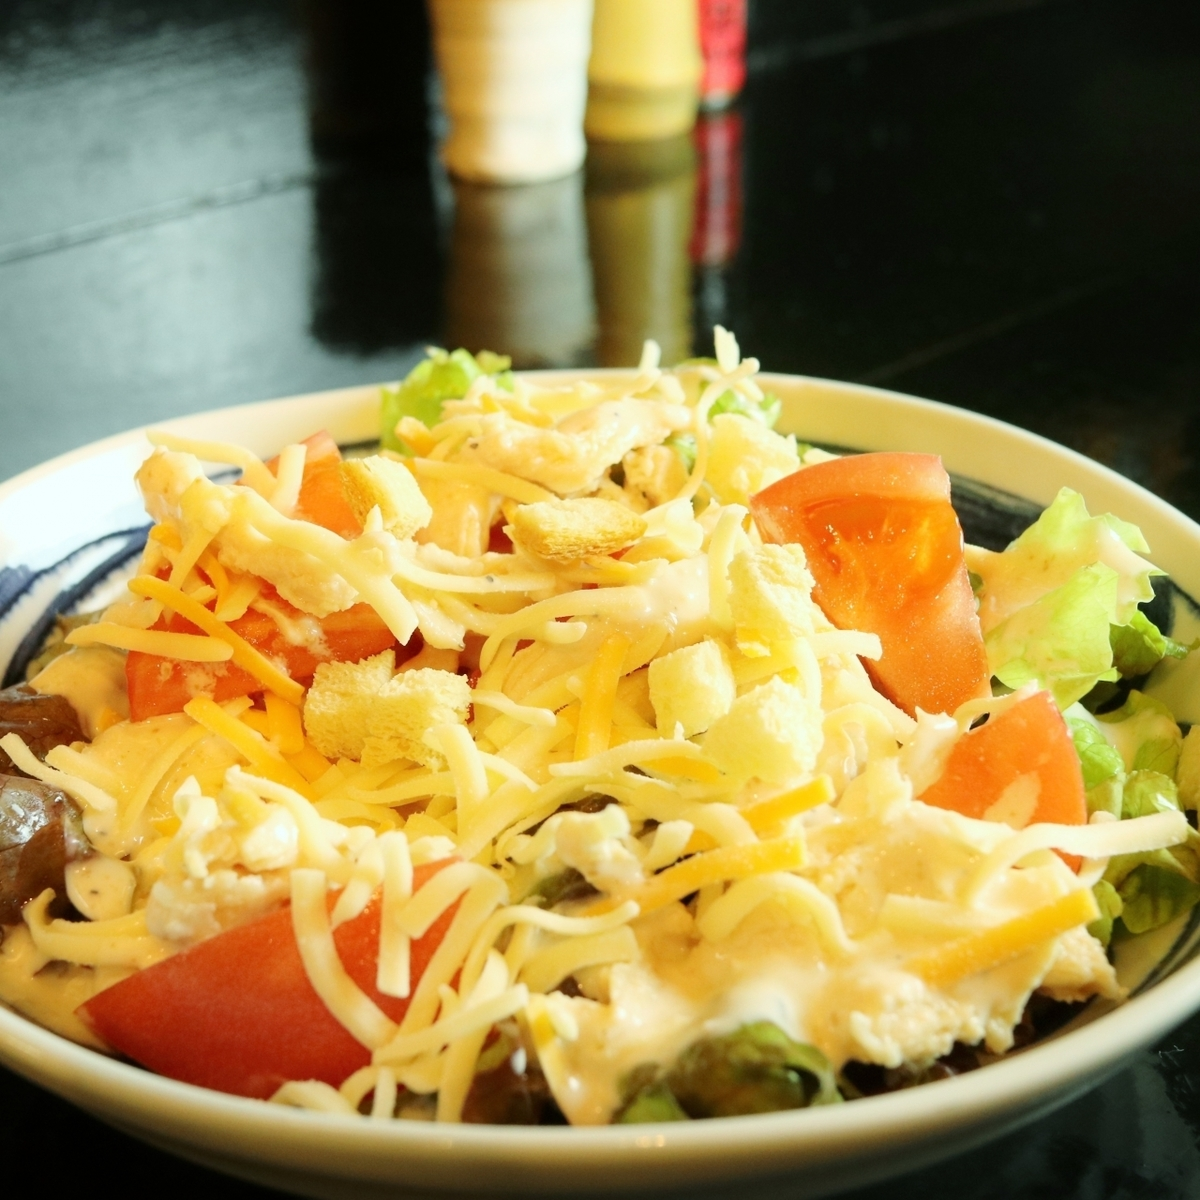 筑波鸡和奶酪的凯撒沙拉